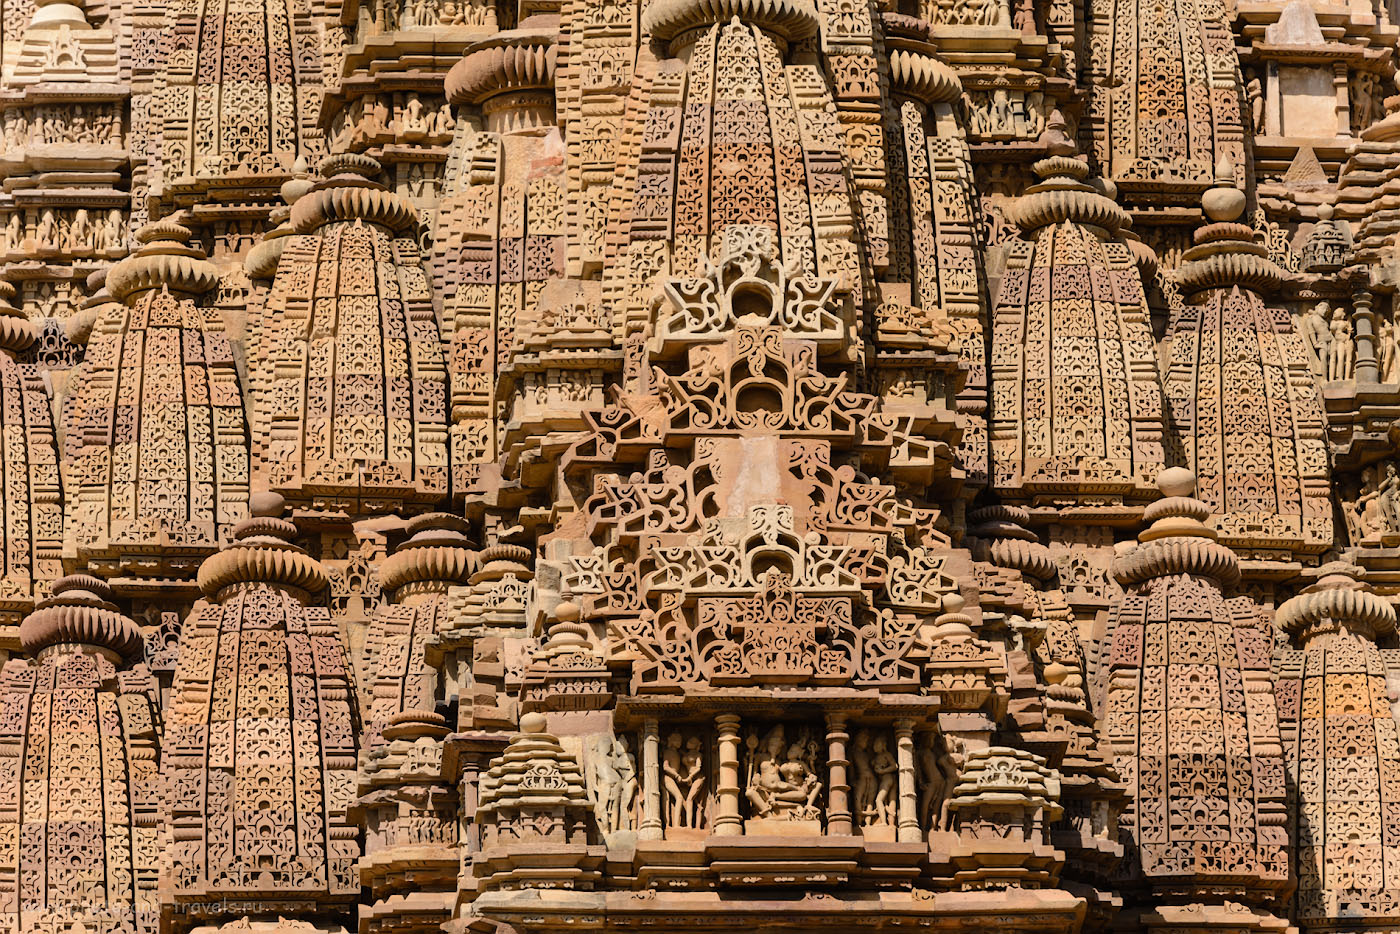 Фото 11. Так выглядит верхний ярус храмов в Кхаджурахо. 1/500, 8.0, 160, 240.